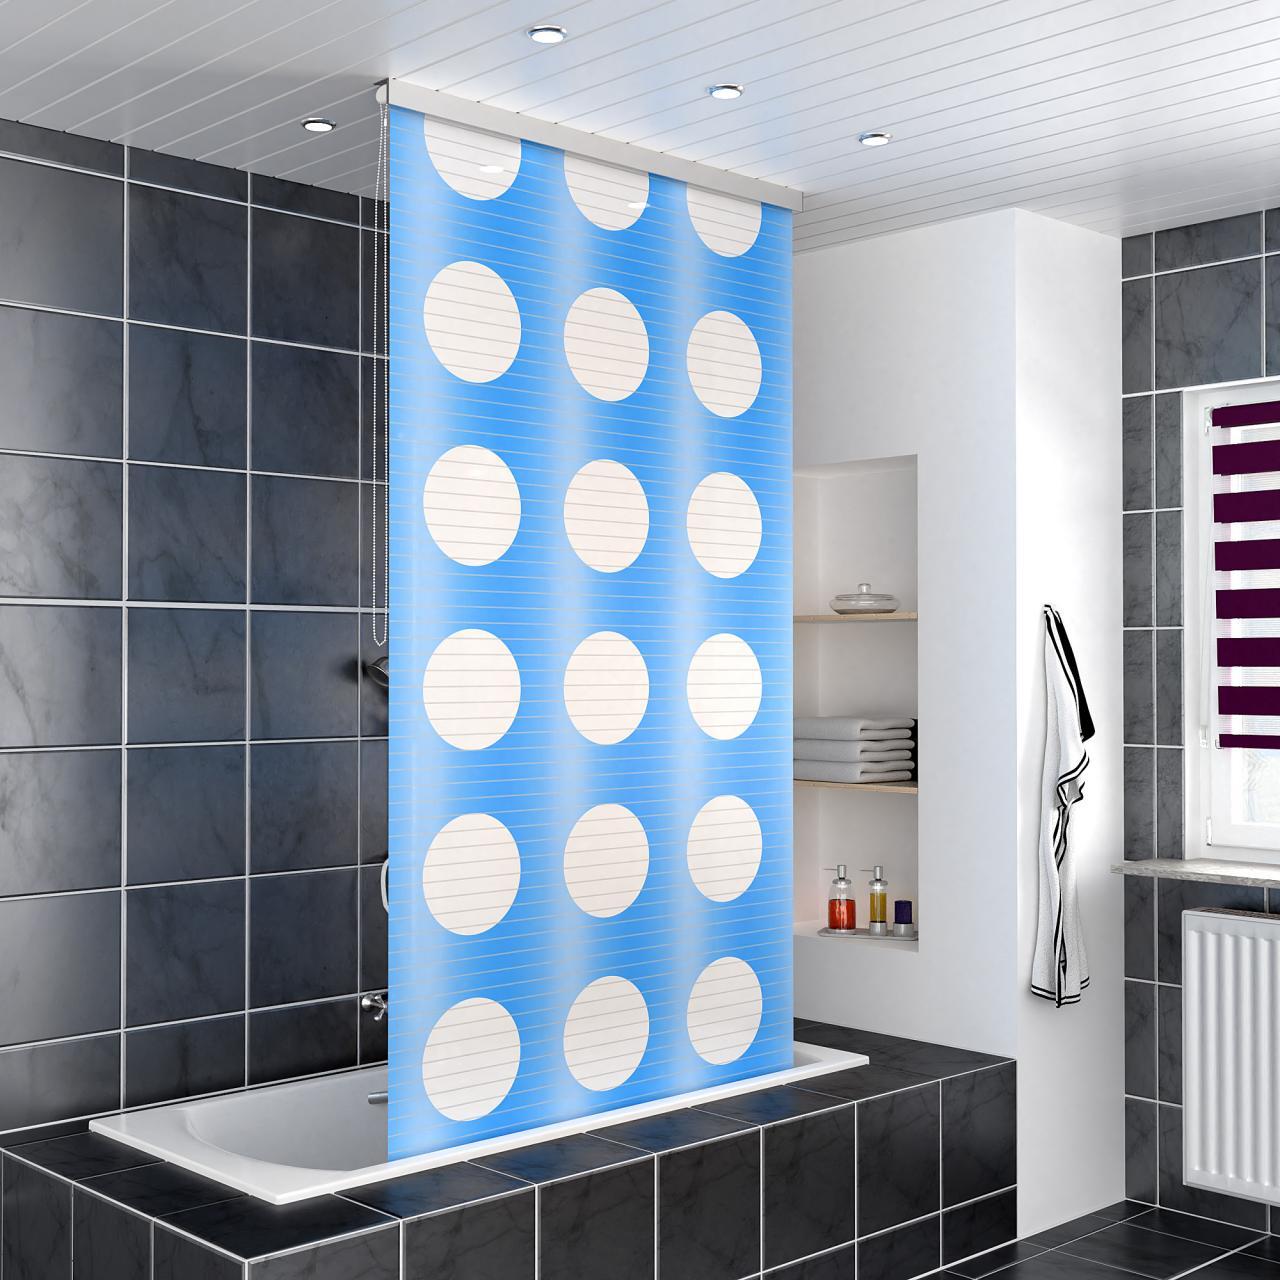 homelux duschrollo alu halbkassette dusche bad seitenzug gr sse und designwahl ebay. Black Bedroom Furniture Sets. Home Design Ideas